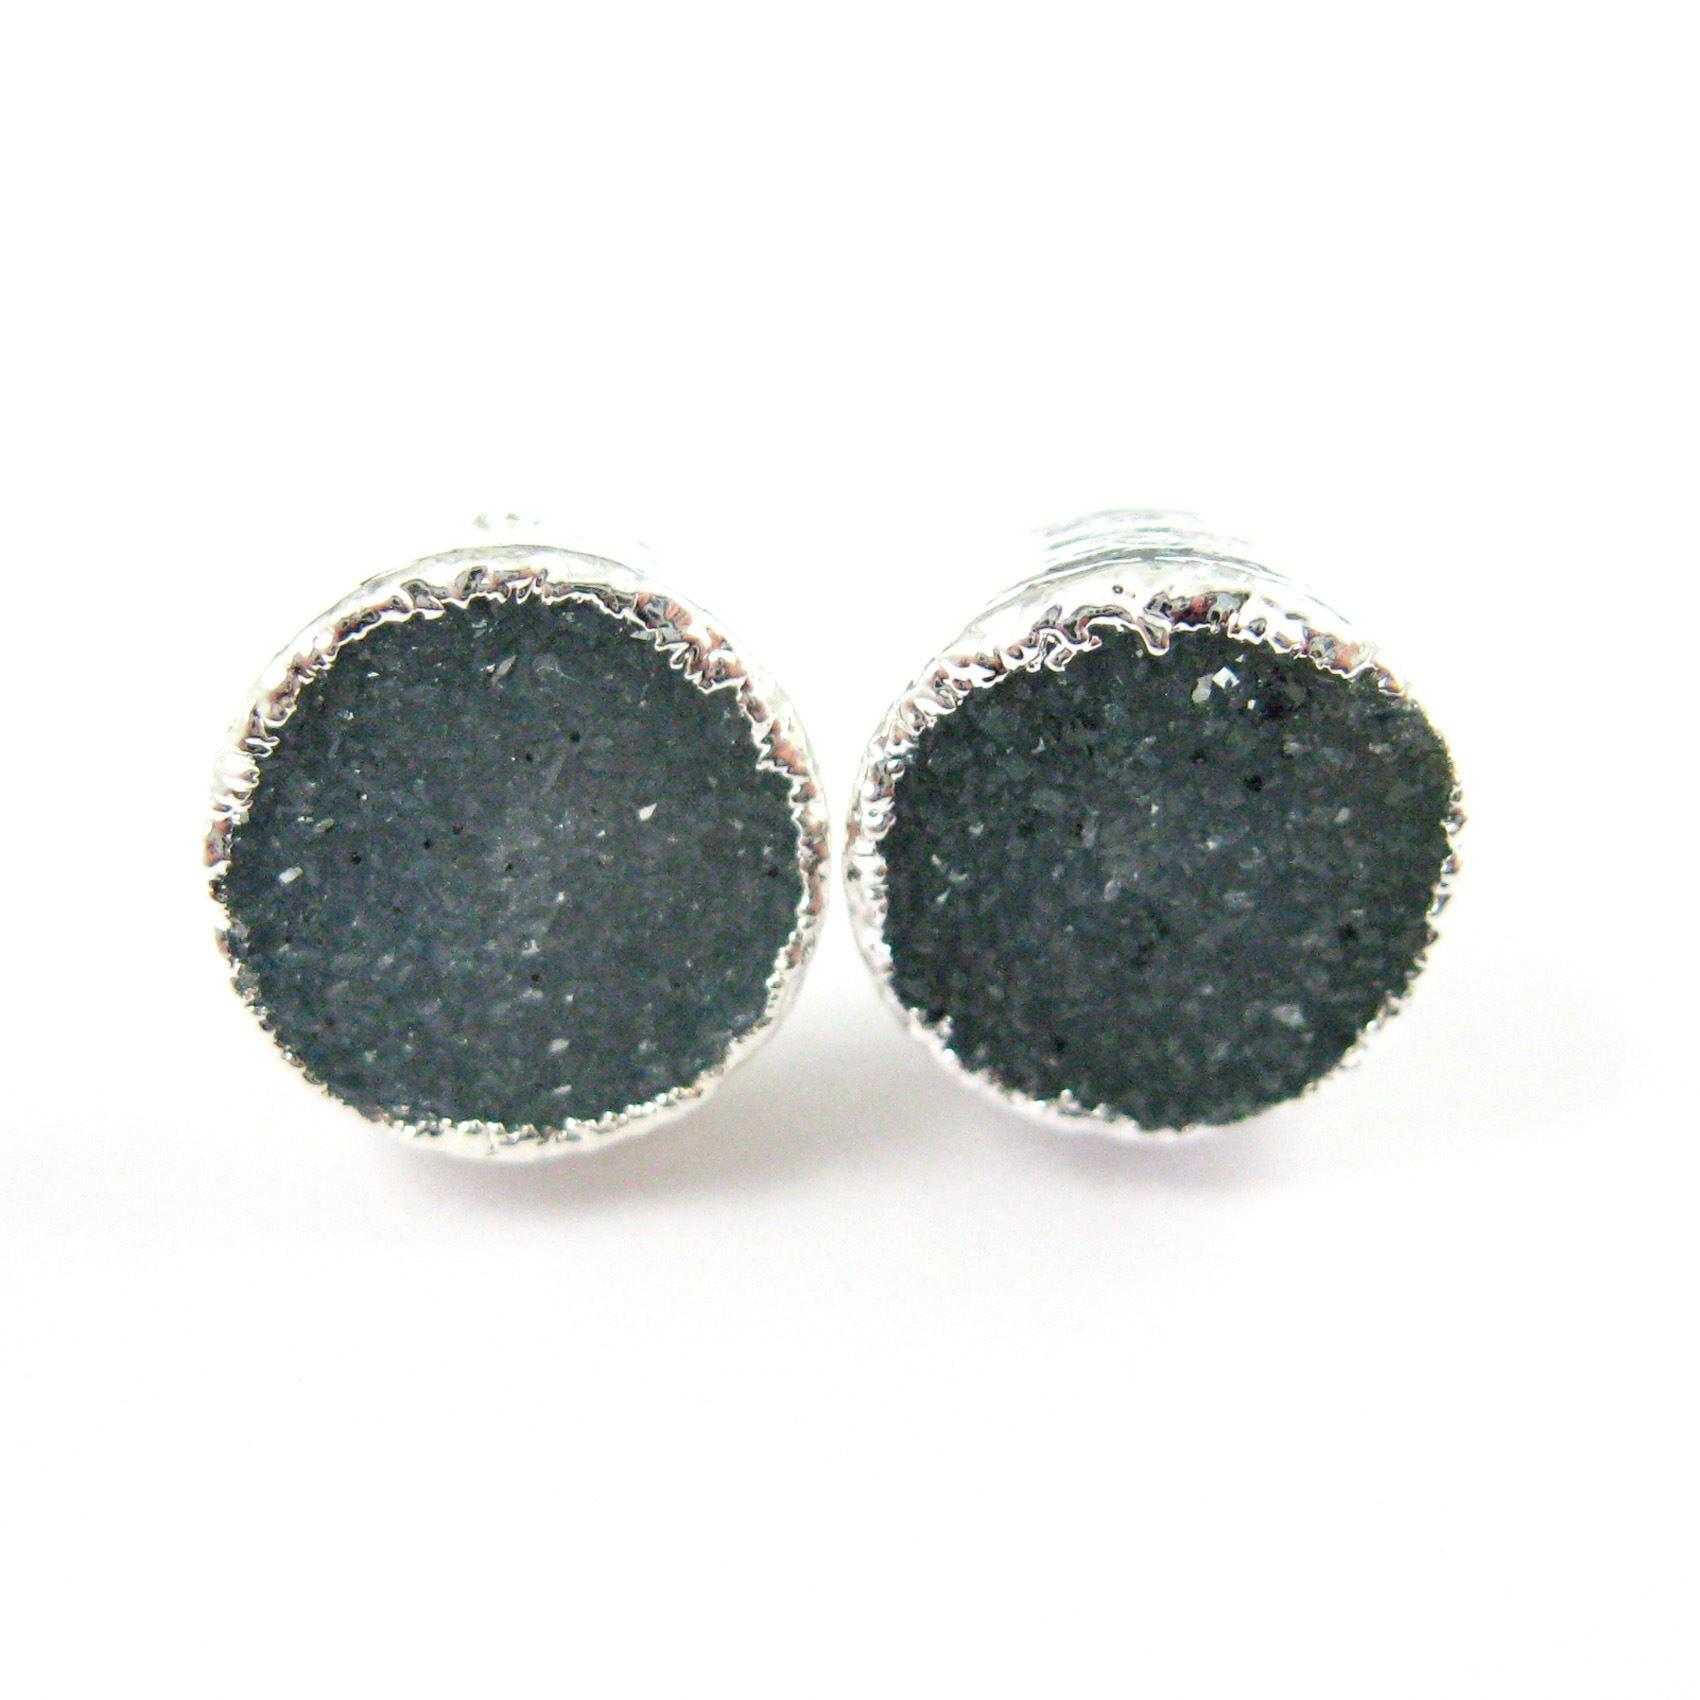 Blue Agate Geode Druzy Sterling Silver Earrings